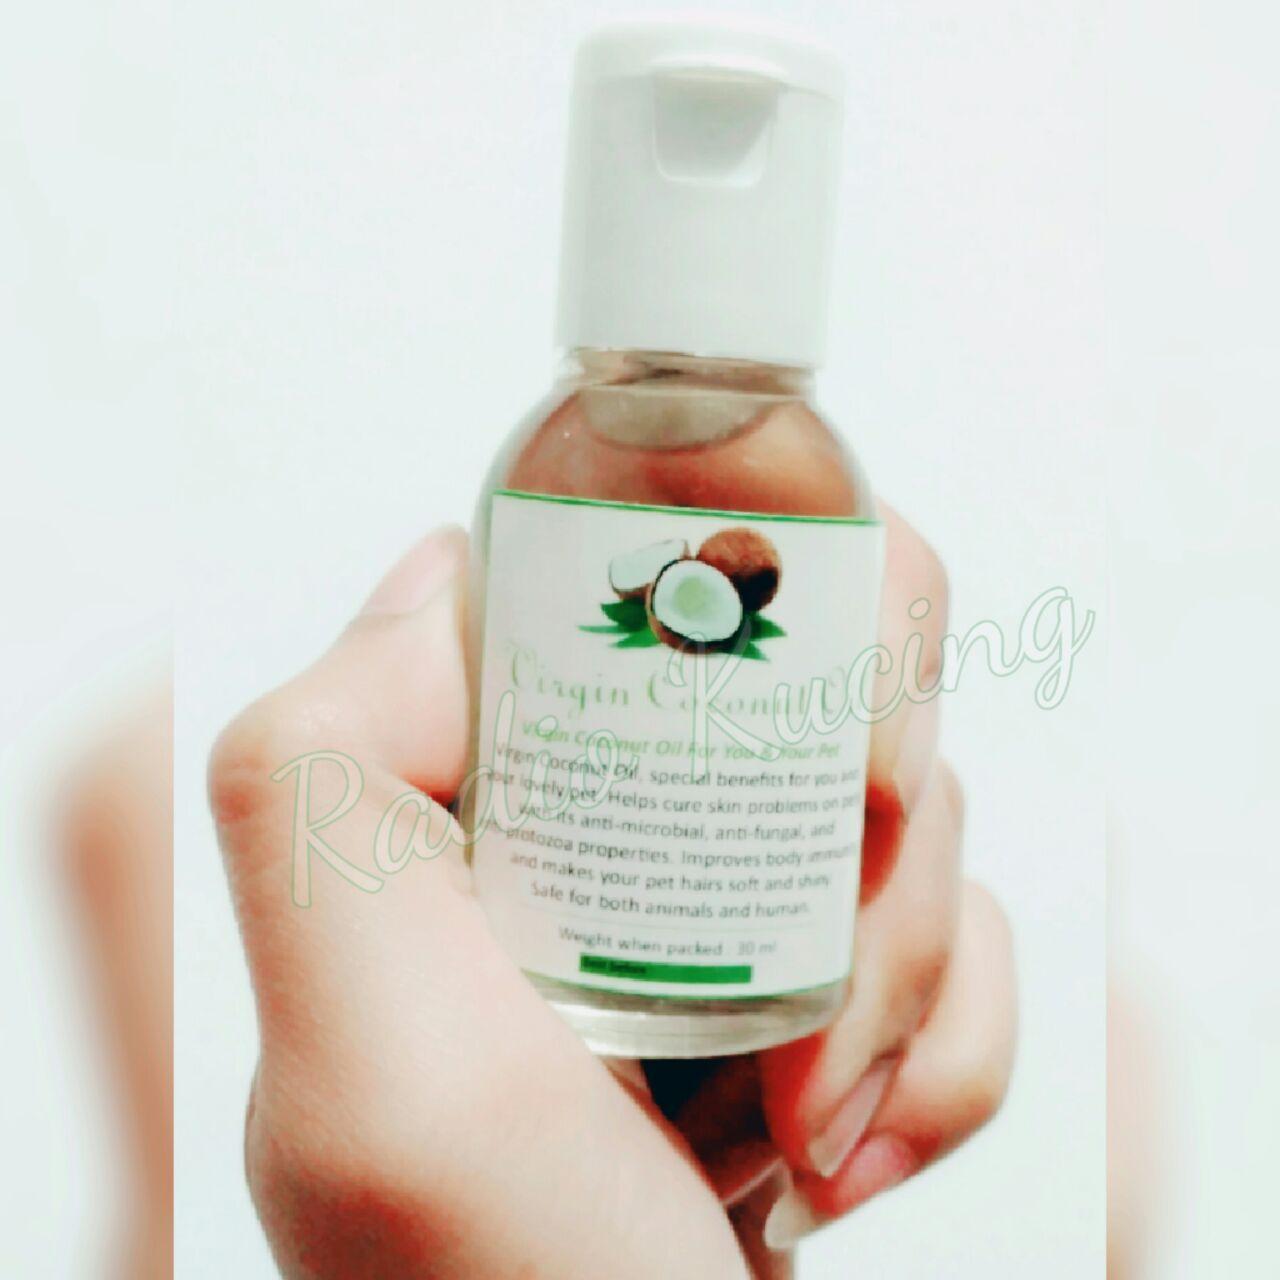 Review Minyak Kelapa Vco Bagus Utk Bulu Penghilang Jamur Dan Sr12 Virgin Coconut Oil Kapsul Herbal Tradisional Atau Murni Adalah Yang Dibuat Dari Bahan Kepala Dengan Proses Unik Sehingga Bisa Menjaga